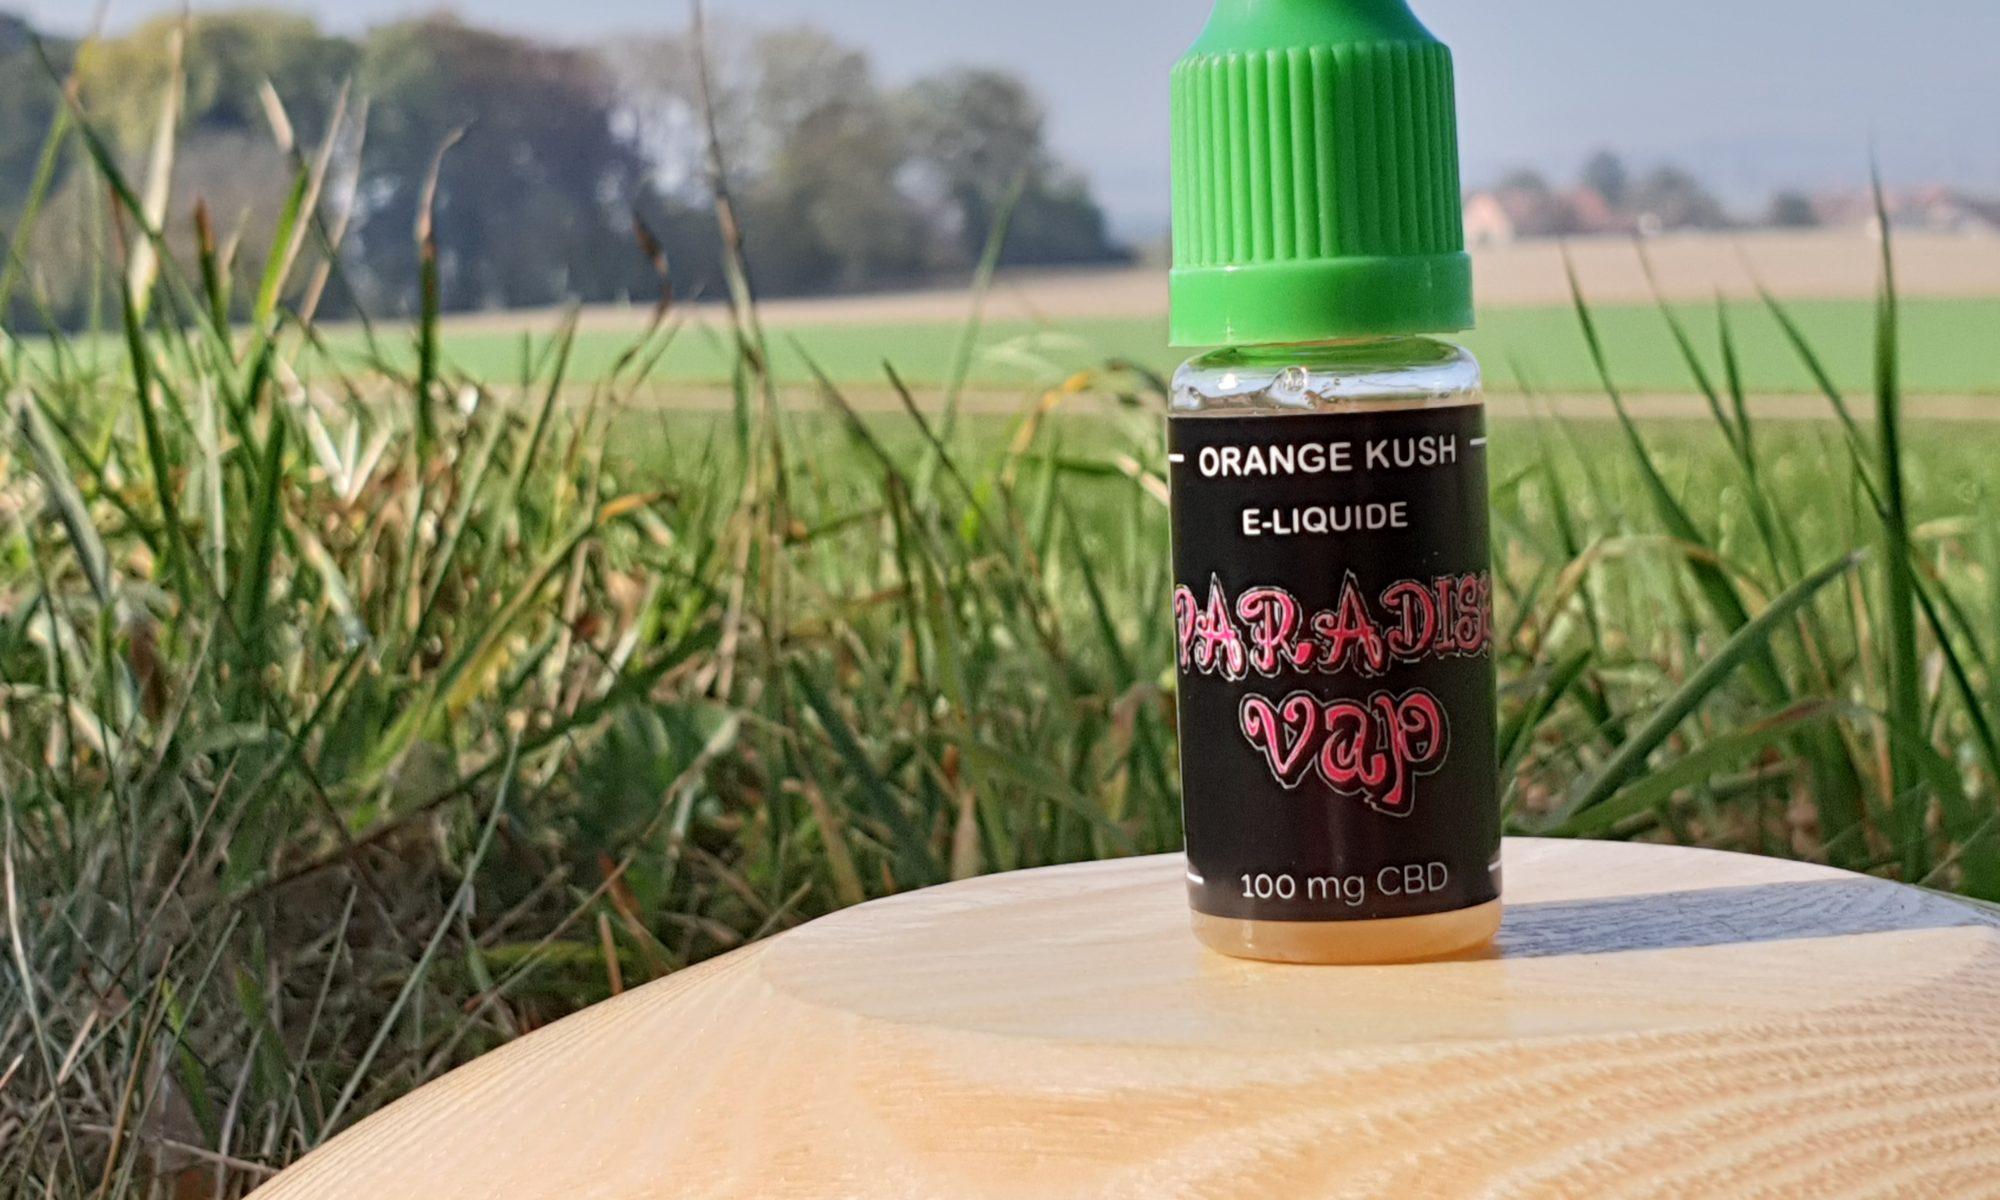 E-liquide Orange Kush 100 [mg]